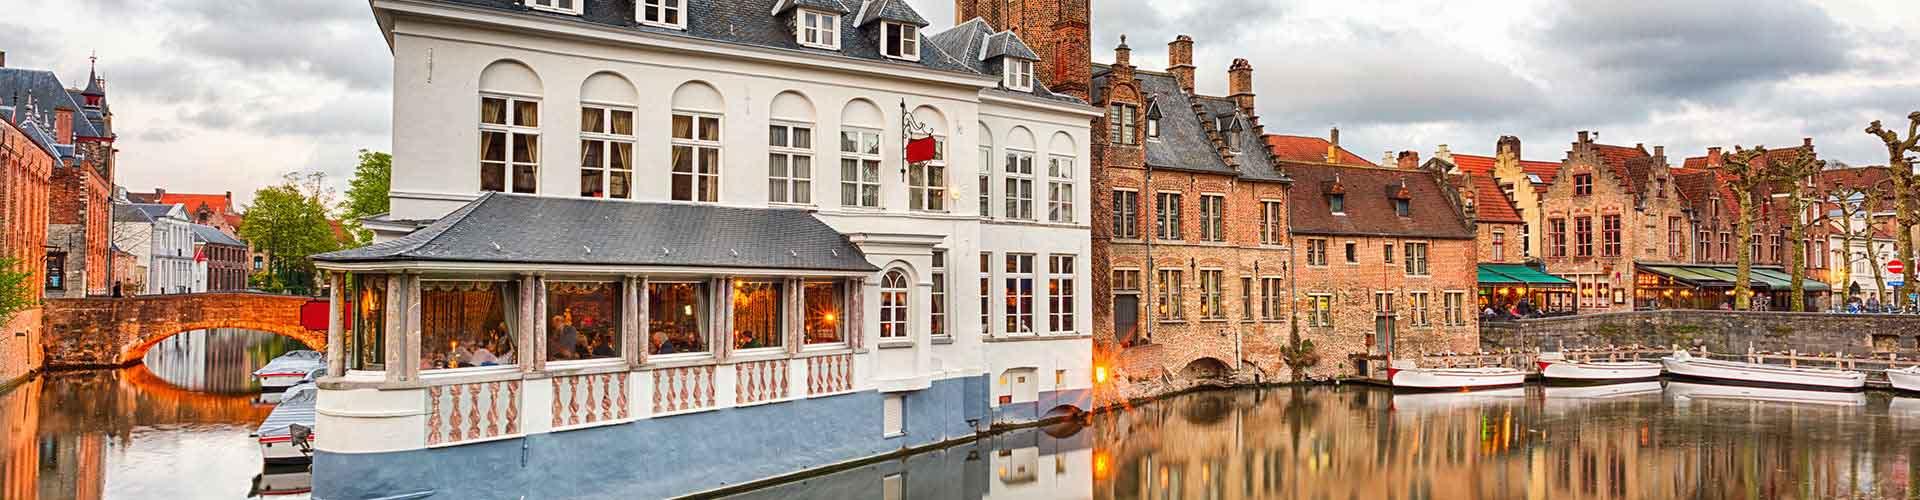 Brugge – Hostellit kohteessa Brugge. Brugge -karttoja, valokuvia ja arvosteluja kaikista Brugge -hostelleista.